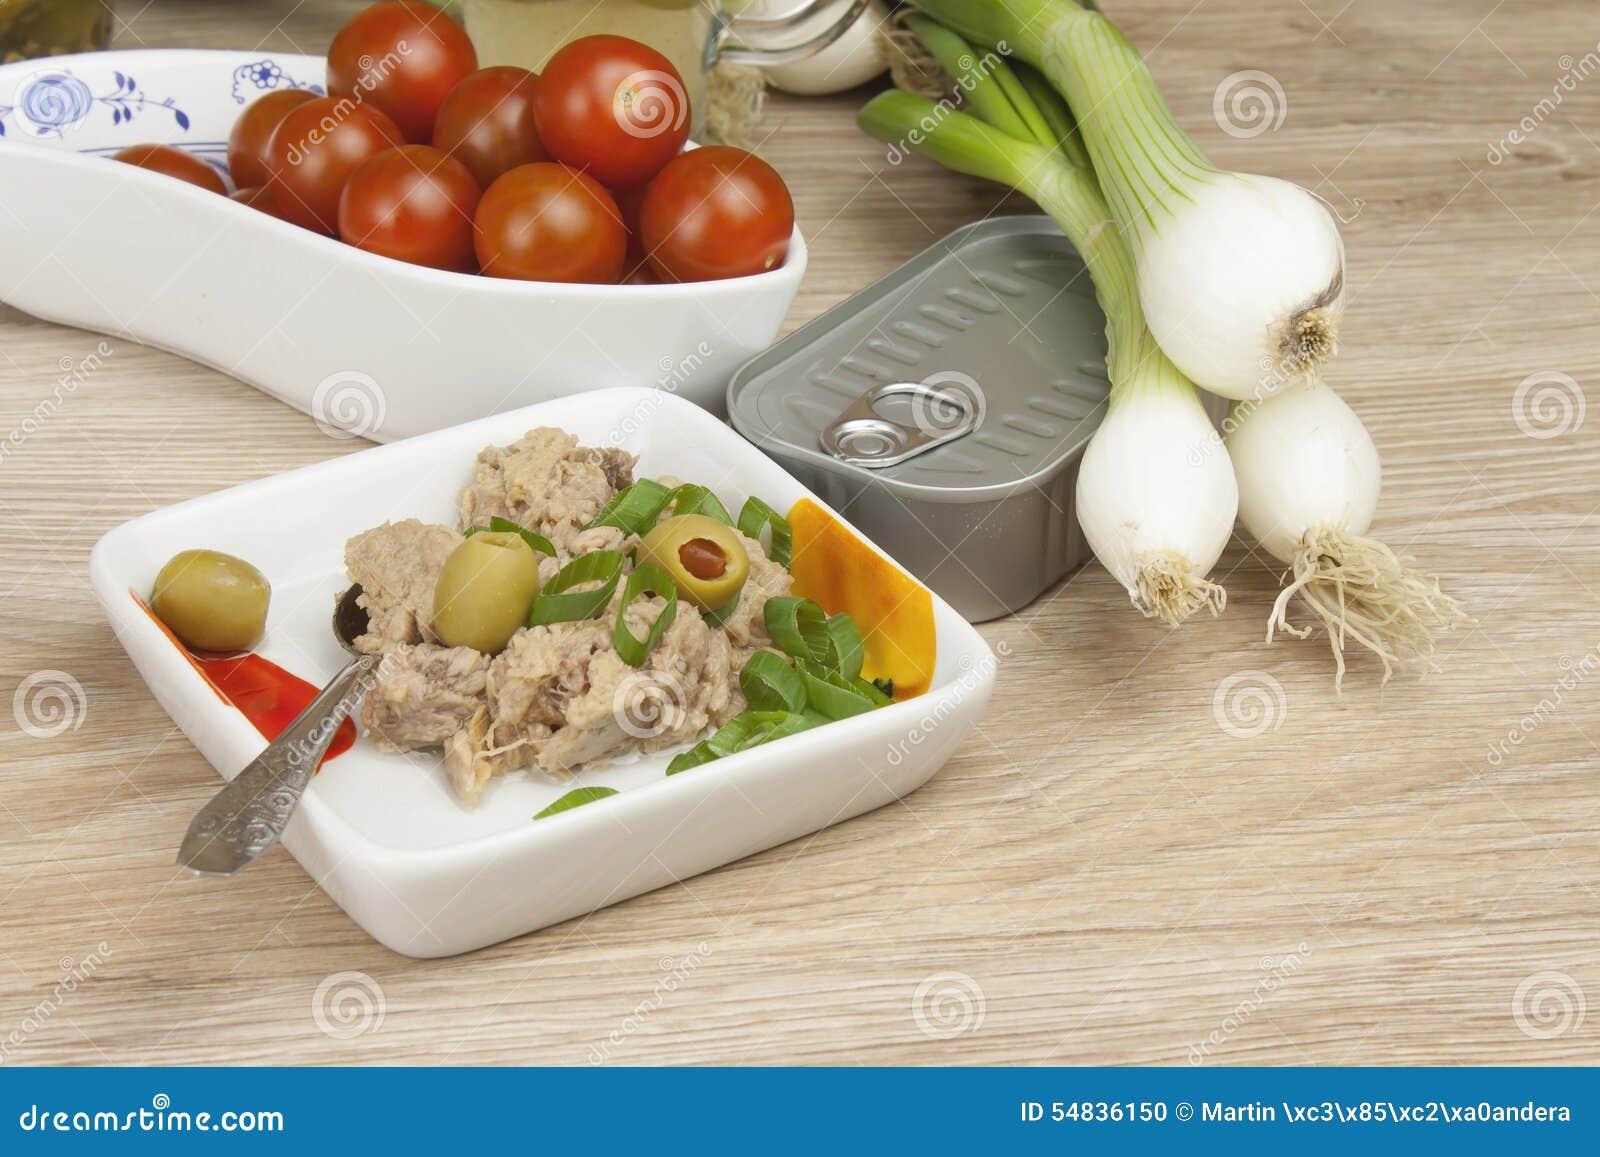 Kunna av tonfisk, ett sunt mål med grönsaker